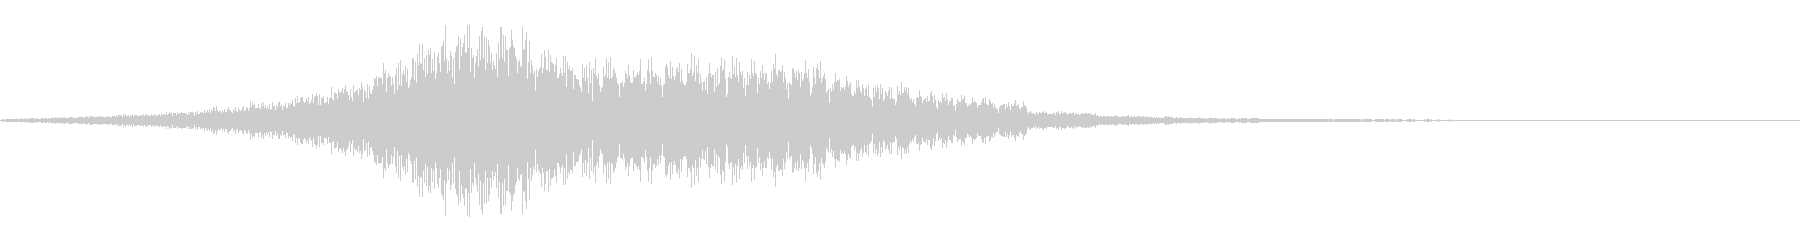 ショッキング(ホラー・ノイズ有り)12の未再生の波形